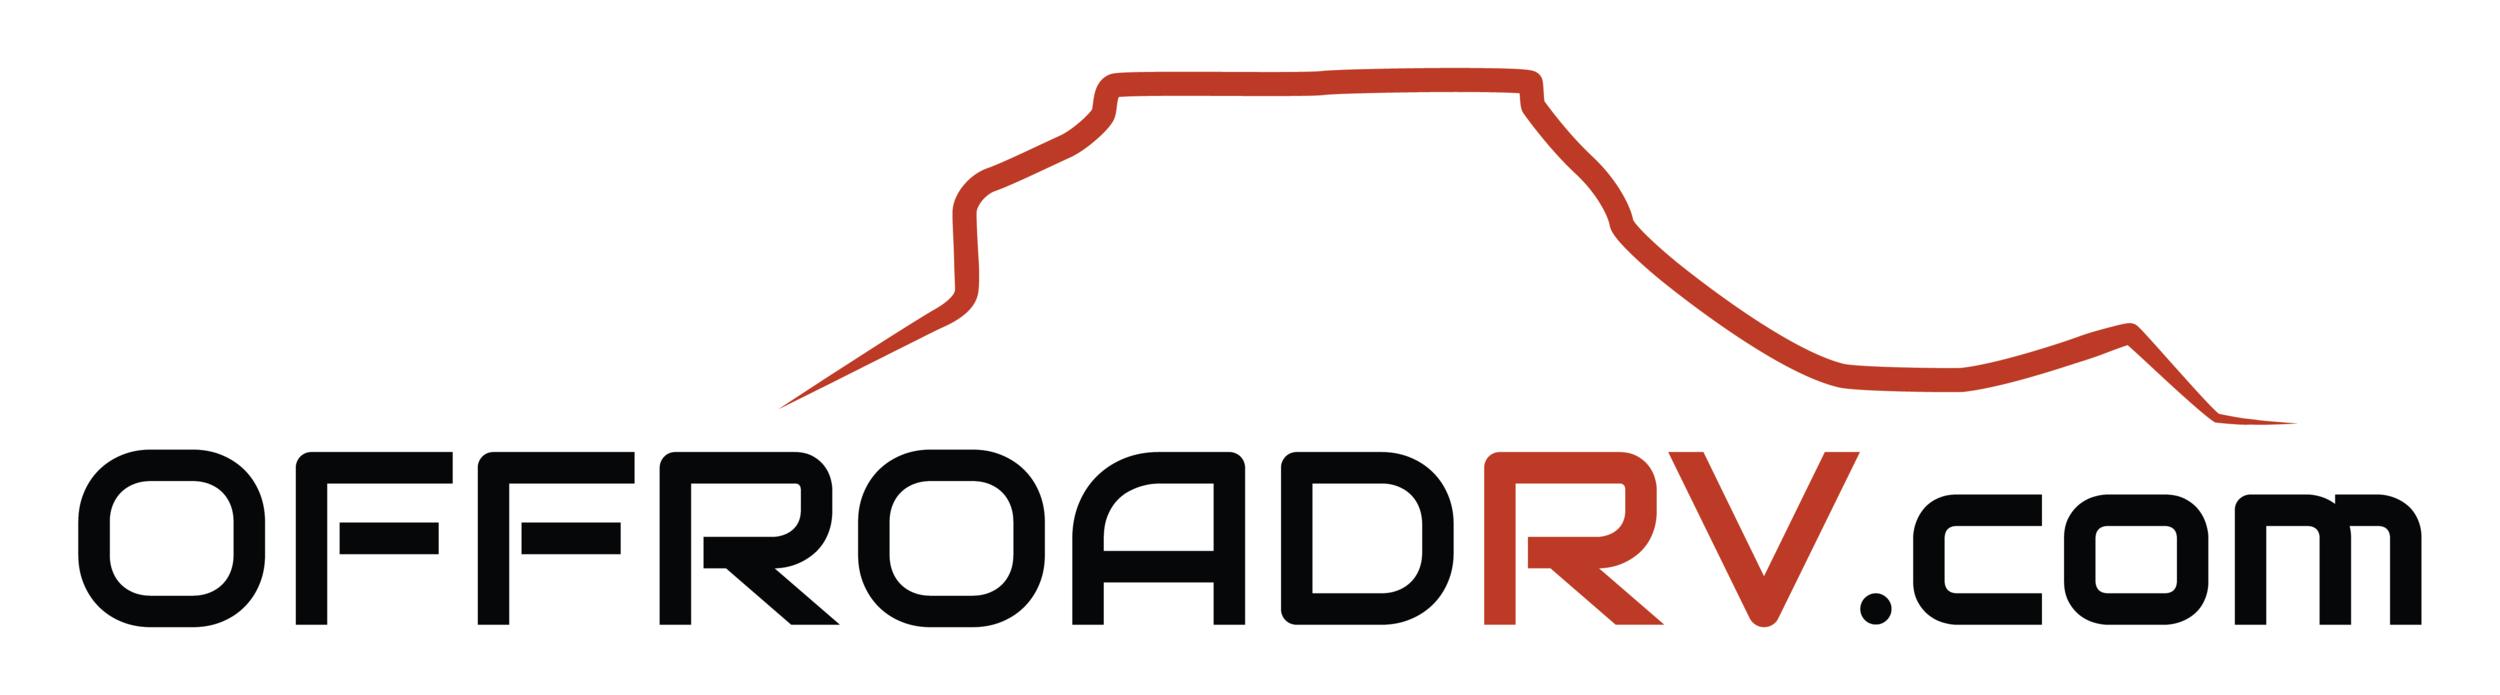 OFFROADRV.COM Logo.png